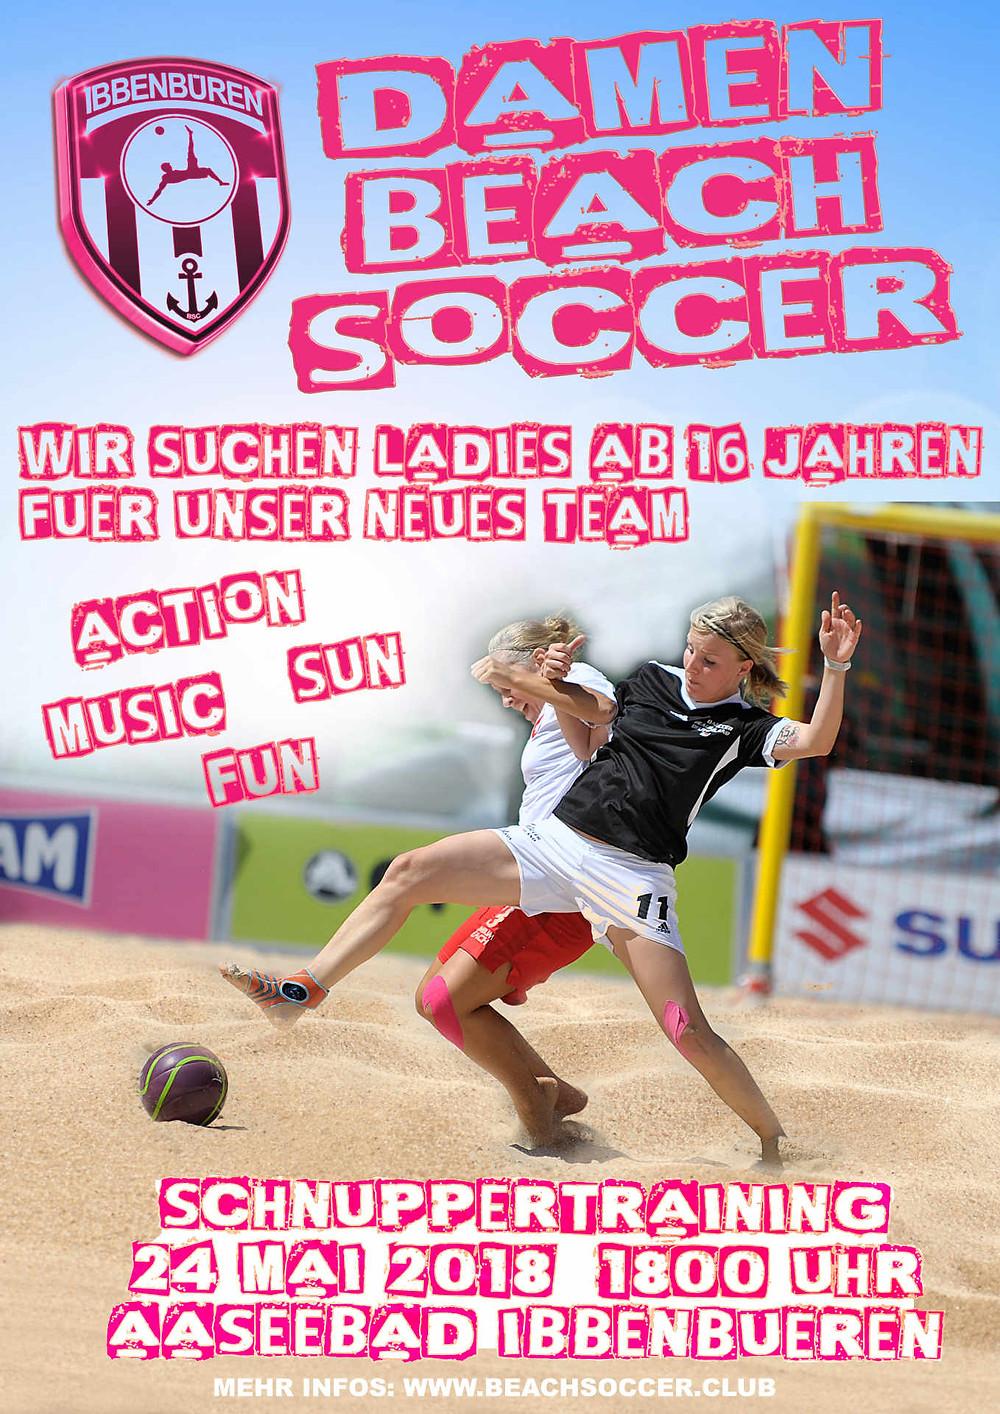 Damen Beach Soccer